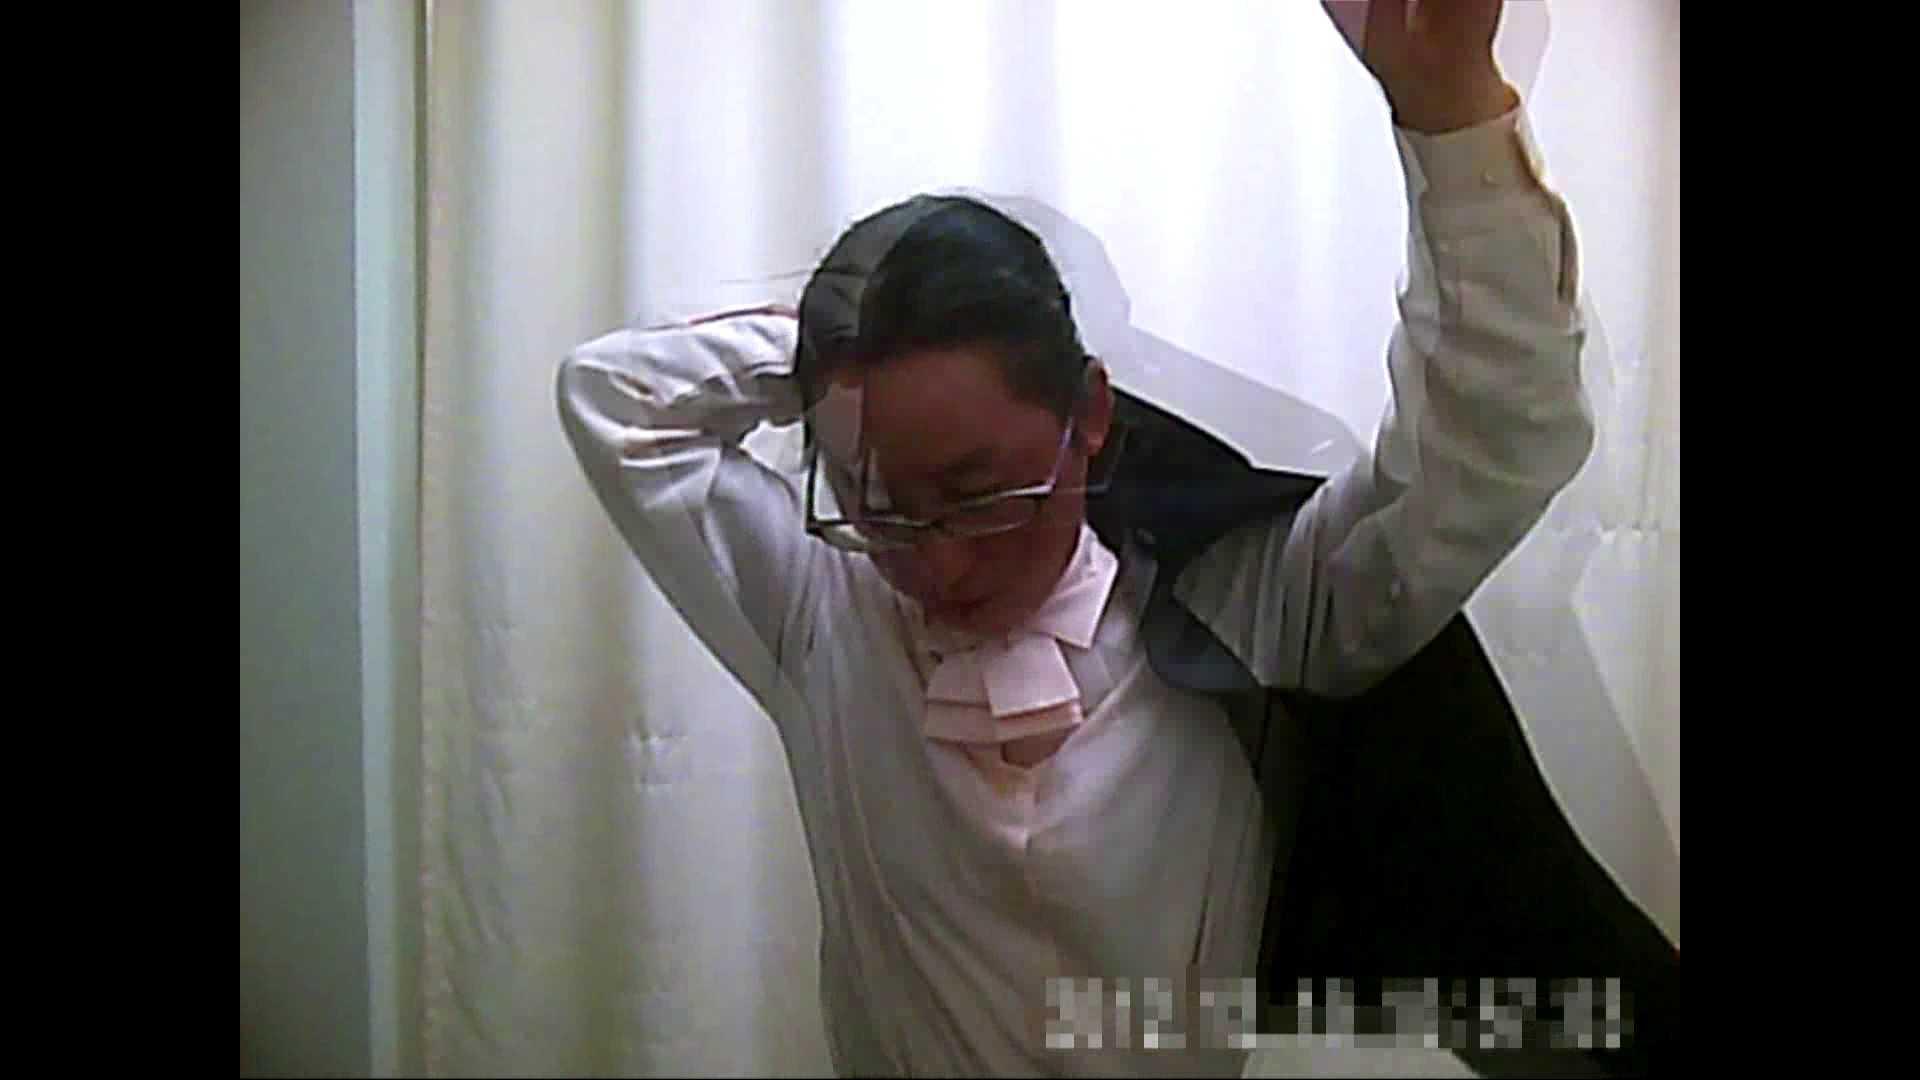 病院おもいっきり着替え! vol.173 貧乳 すけべAV動画紹介 101PIX 76